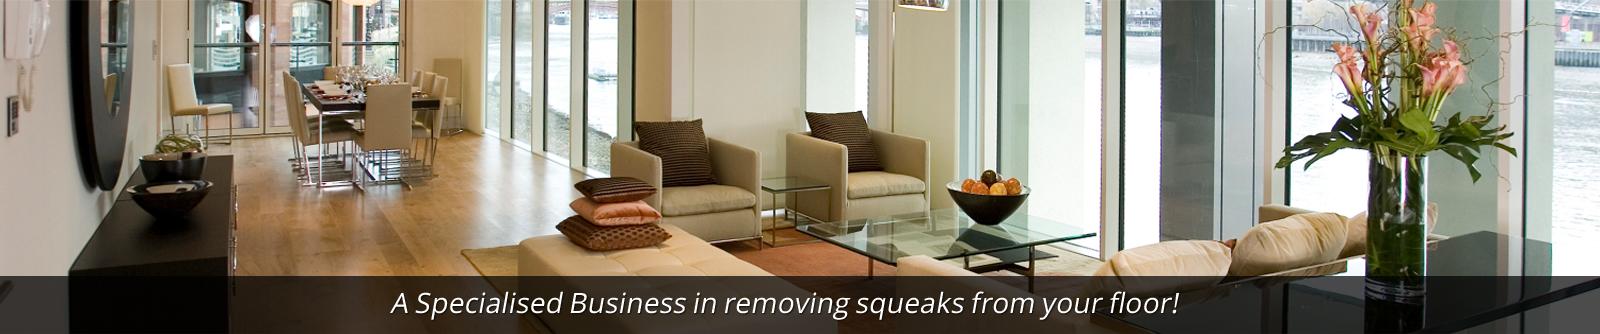 Squeaky Floors header image